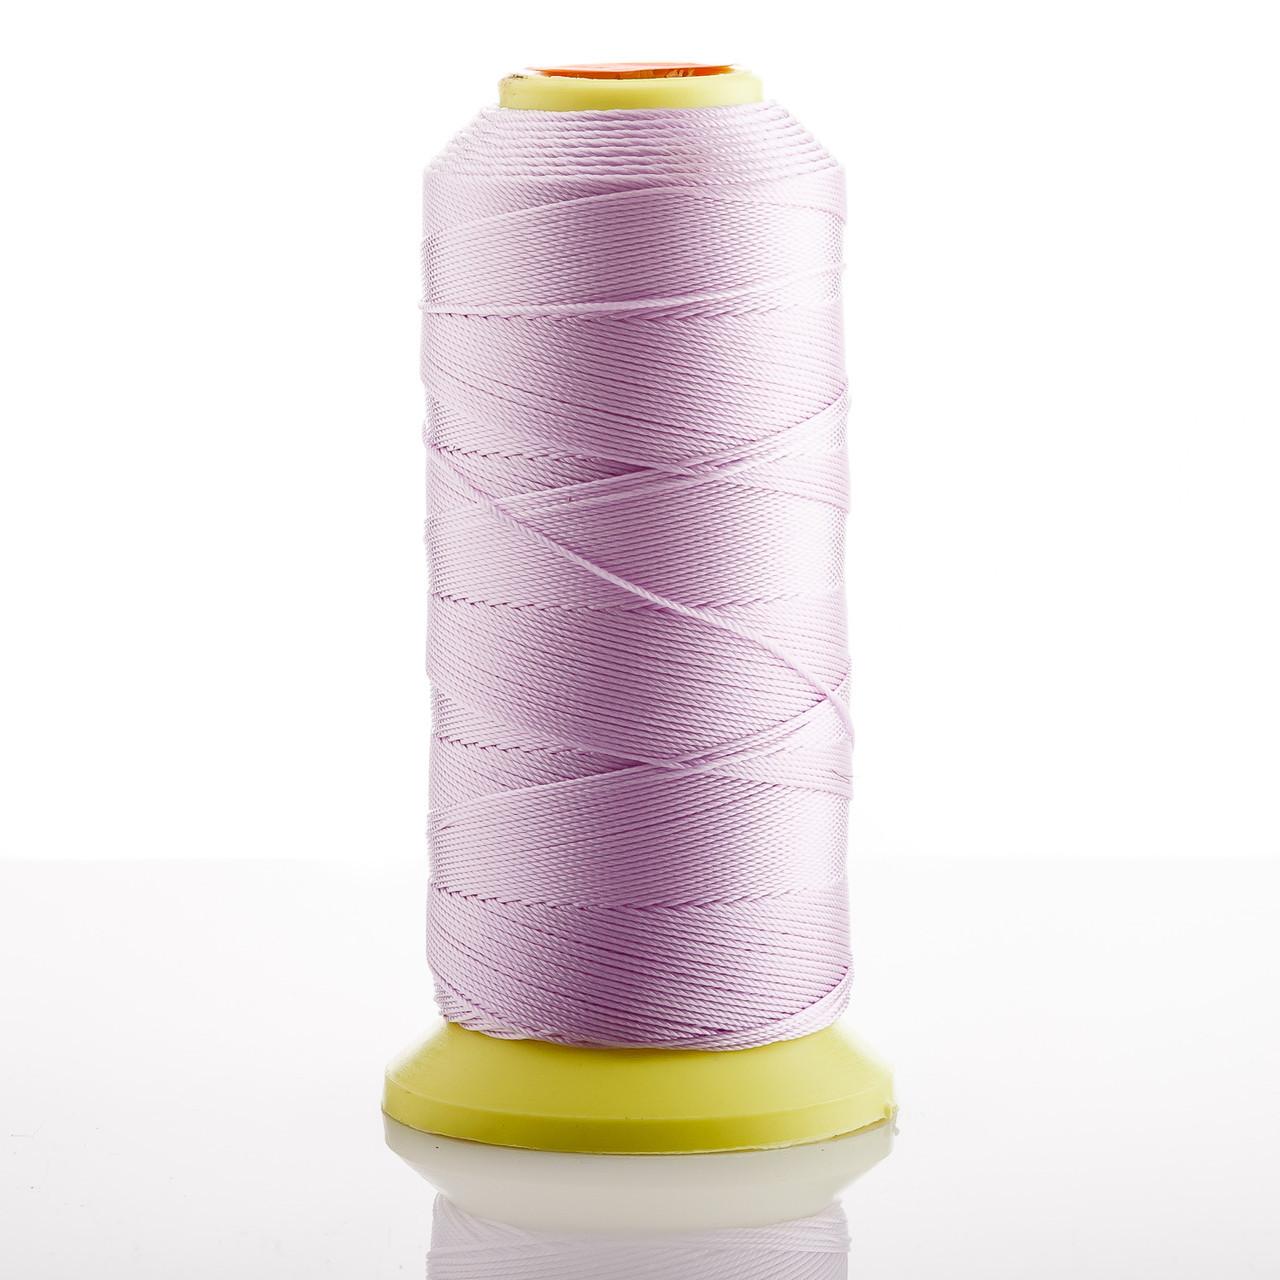 Нитка светлый Сиреневый d-0.9 мм капроновая для рукоделия 500 м - ☆SOUVENIRS☆ - интернет магазин бижутерии, фурнитуры и украшений в Одессе